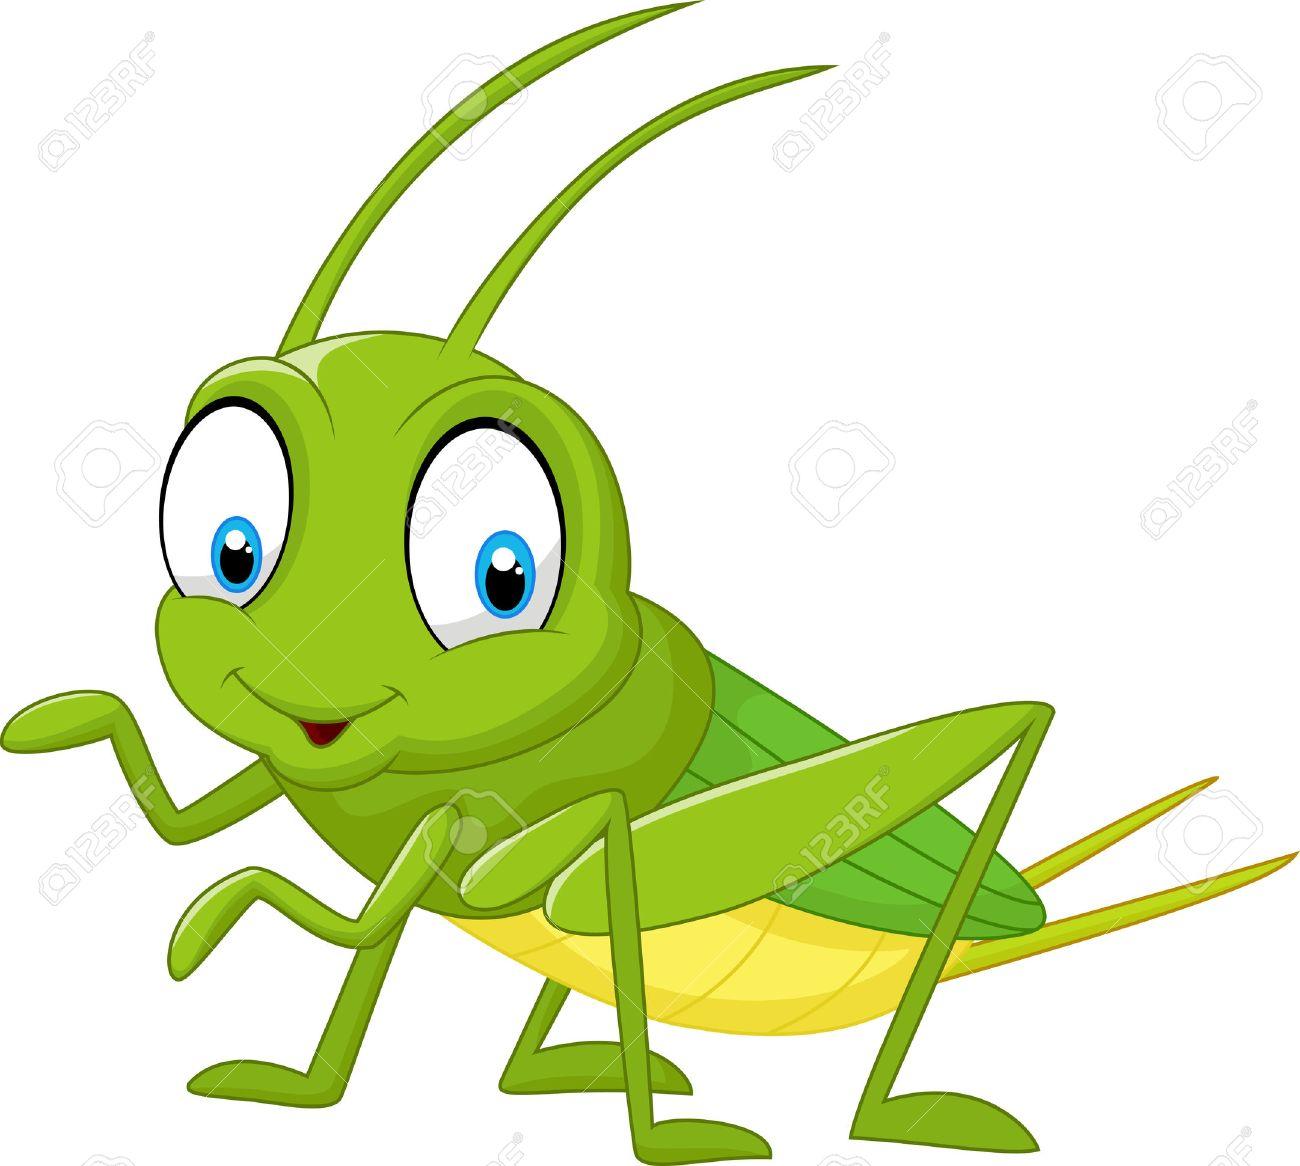 cartoon funny cricket royalty free cliparts vectors and stock rh 123rf com cartoon cricket ground cartoon cricket bat